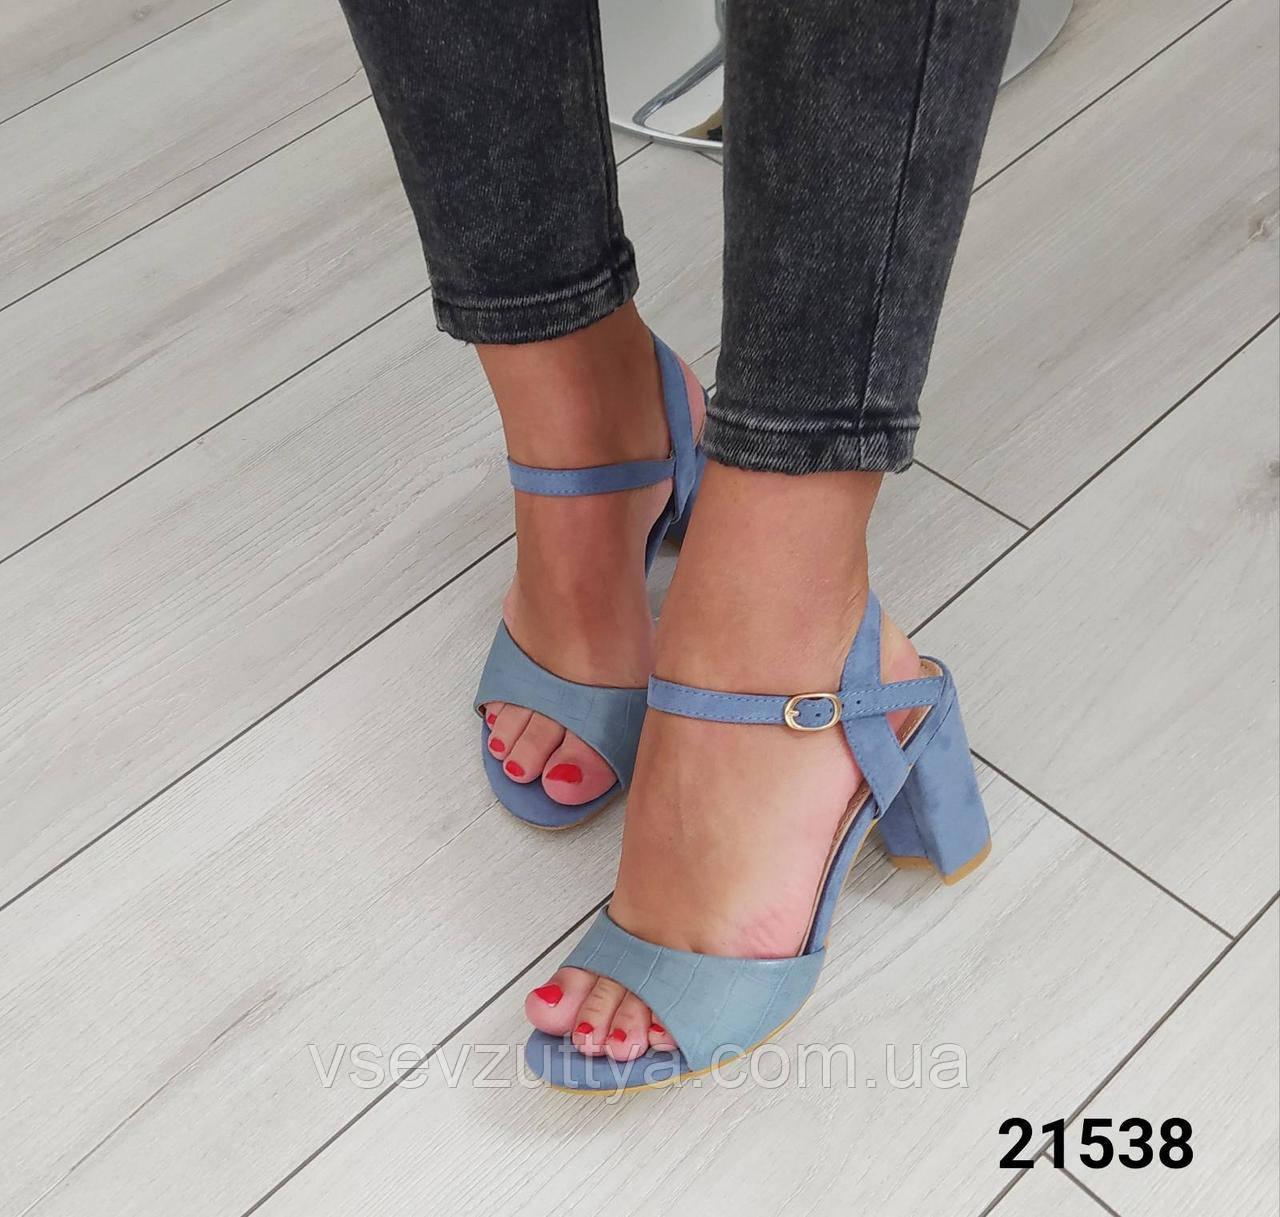 Босоножки женские голубые на каблуке